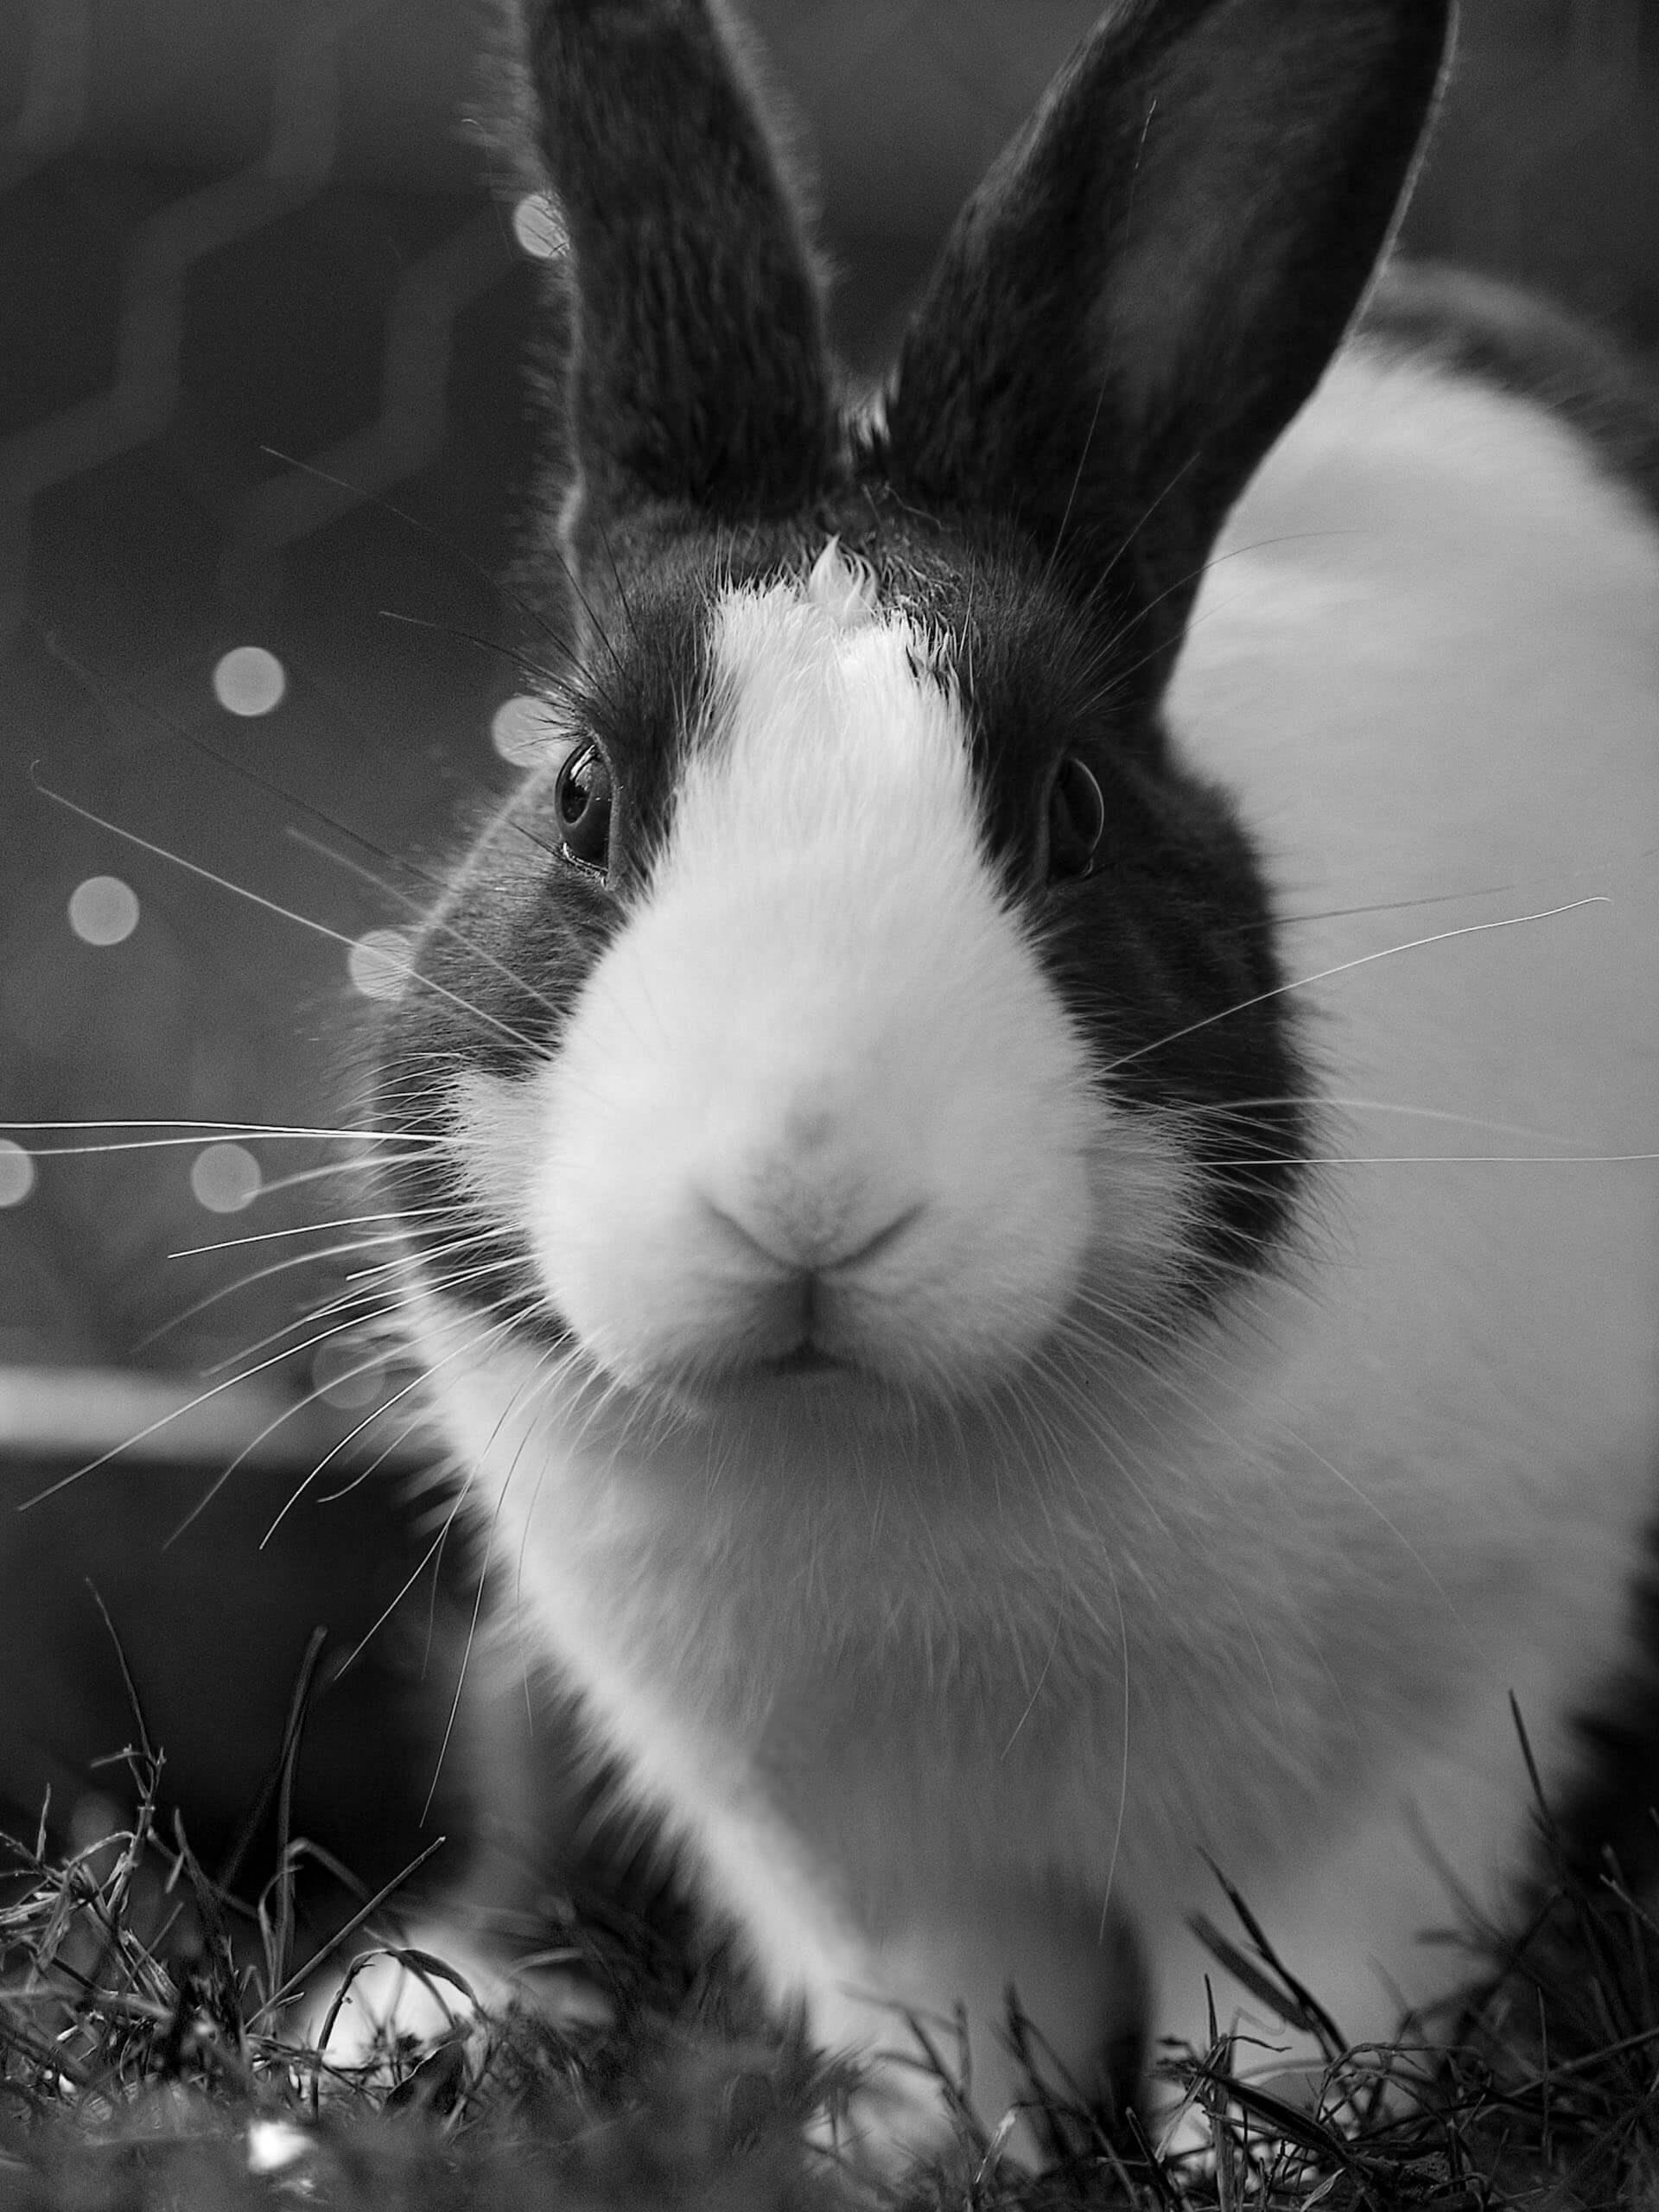 clinicaveterinariasampron.es - conejo